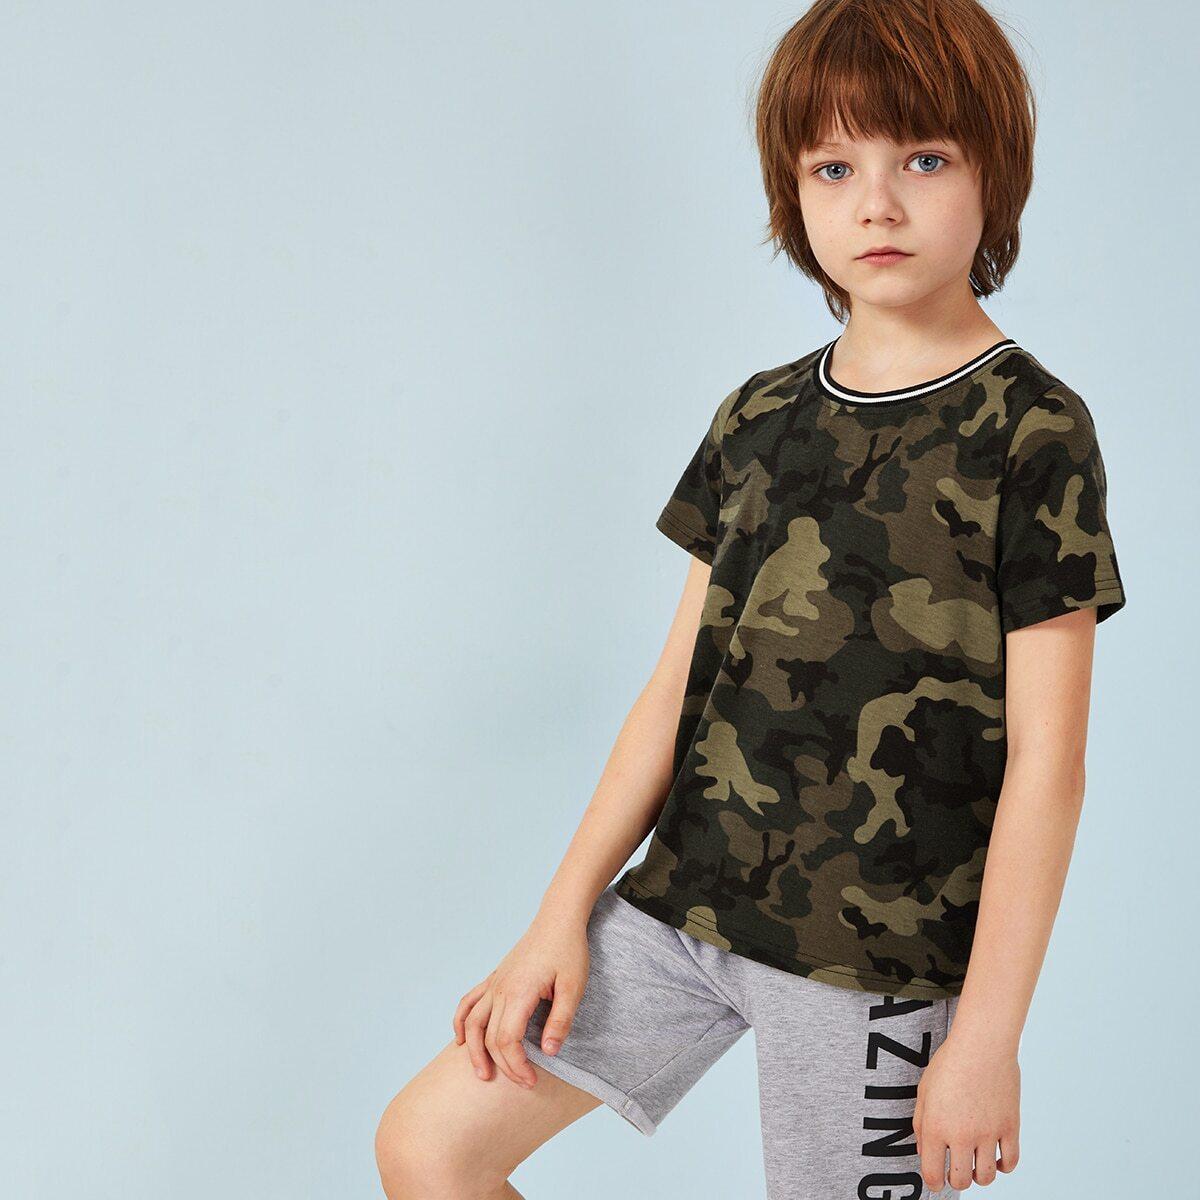 Камуфляжная футболка с полосой для мальчиков от SHEIN